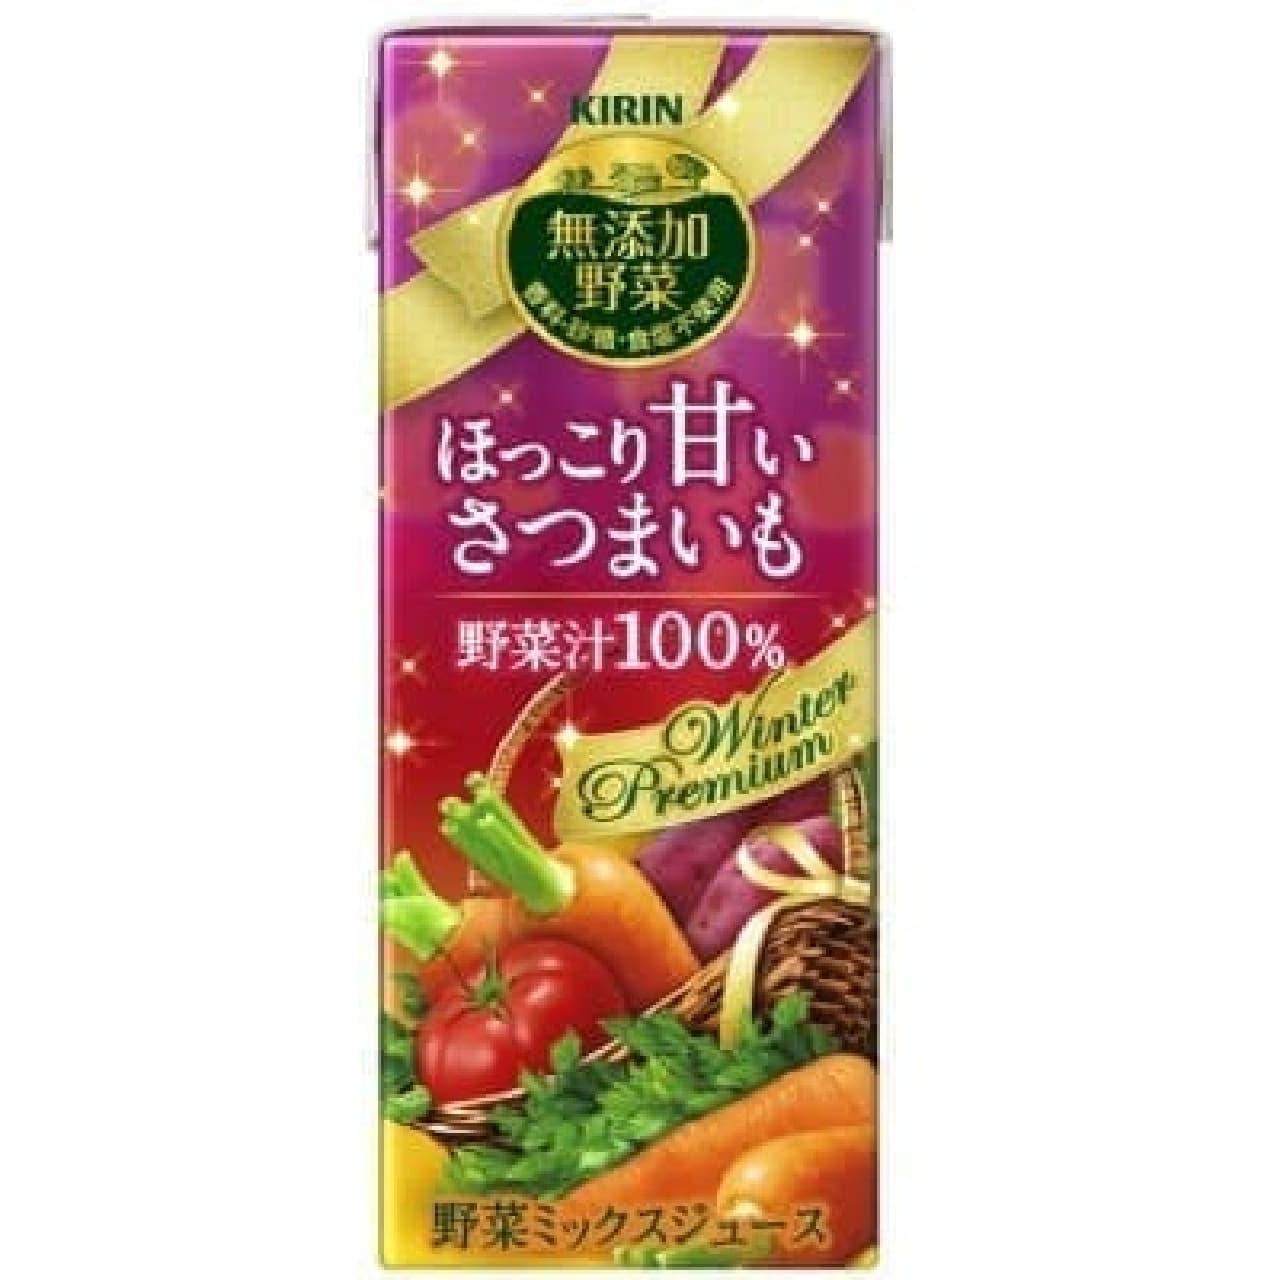 さつまいも入りでほっこり甘い野菜ジュース